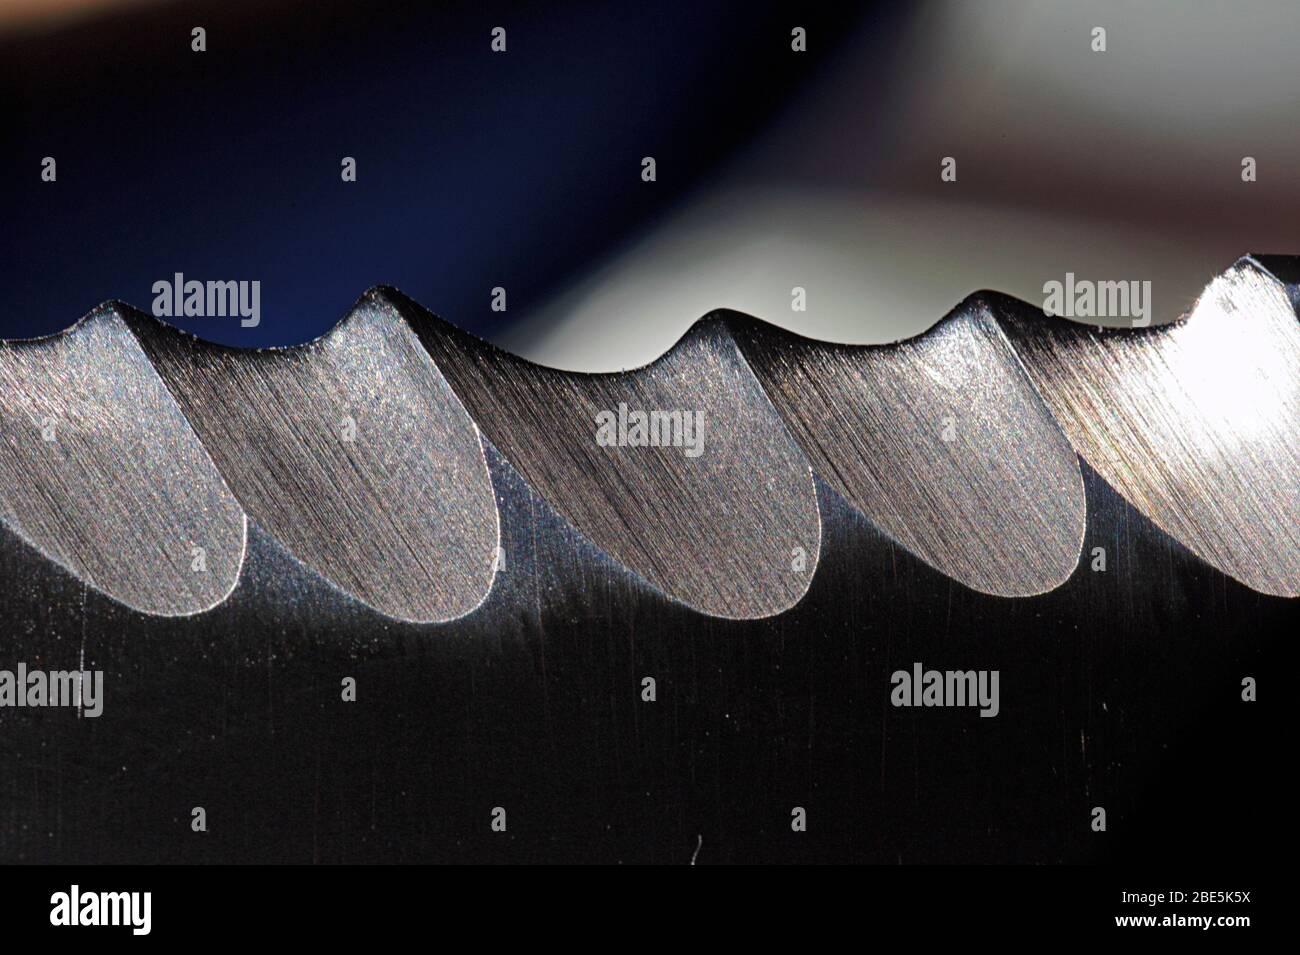 Gros plan d'un bord de lame dentelé Banque D'Images